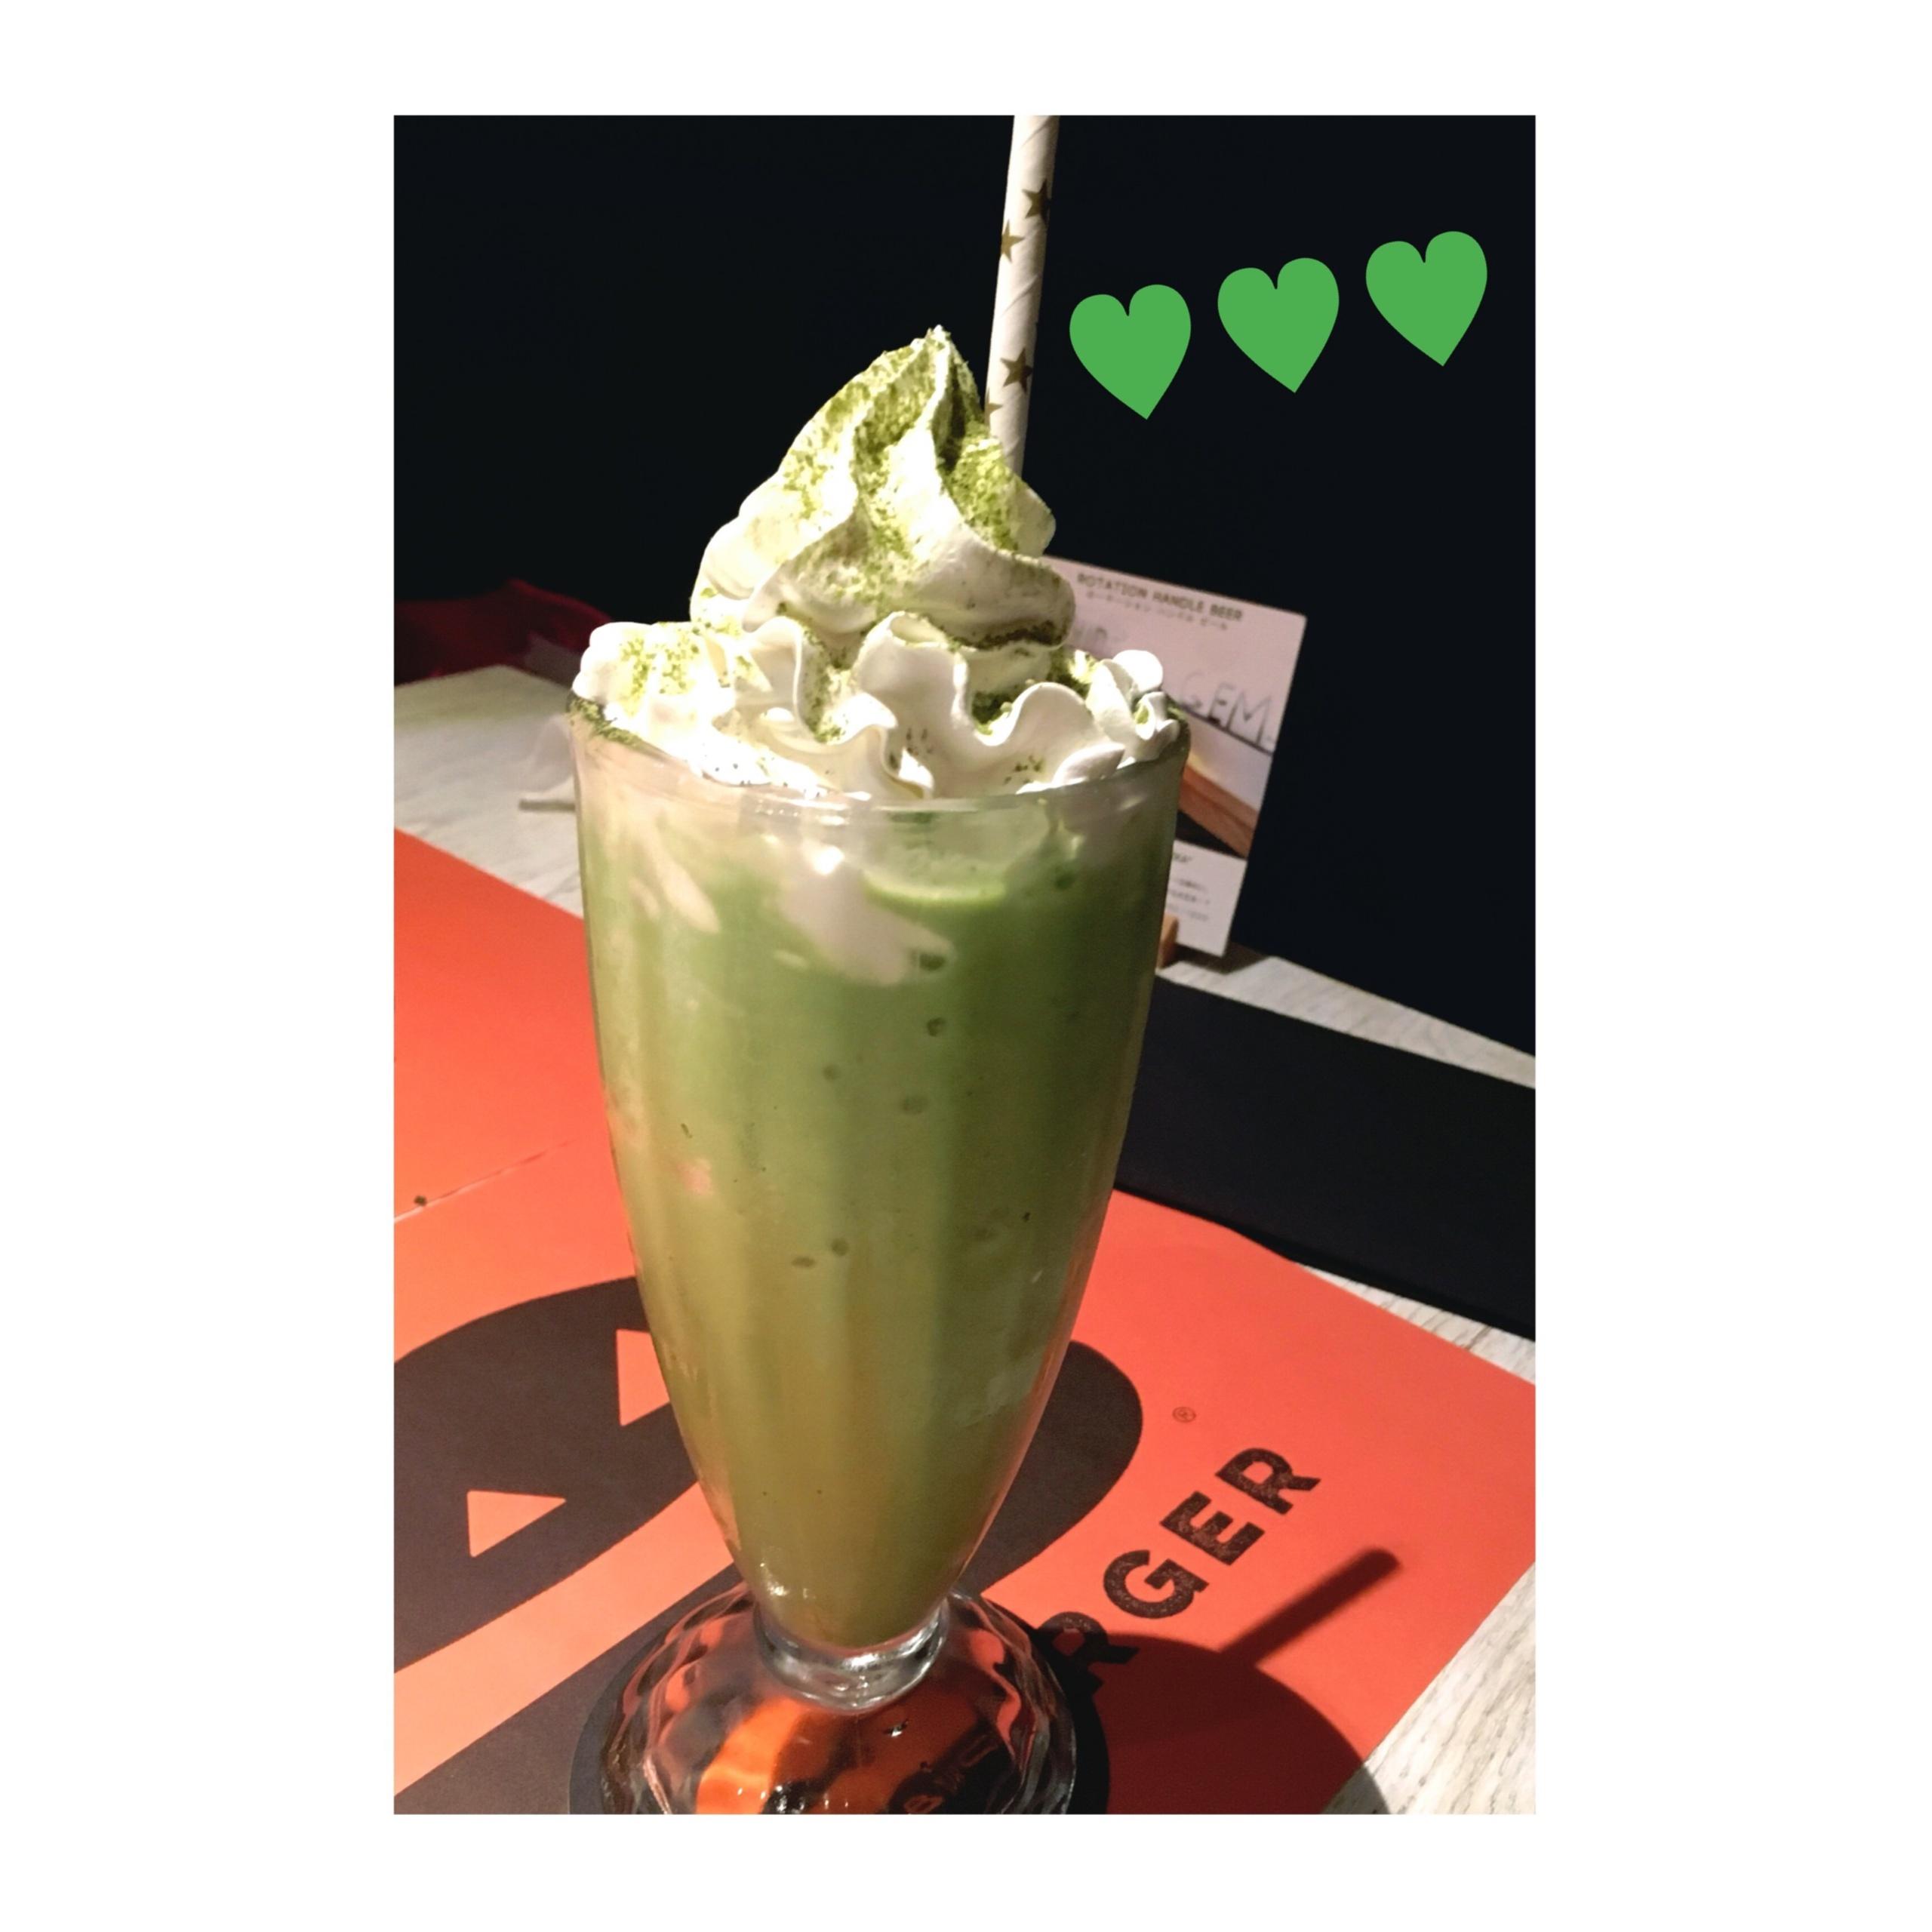 《ご当地MORE★》東京に来たら必ず食べてほしいイチオシの美味ハンバーガーはここ、【UMAMI BURGER】で❤️!_7